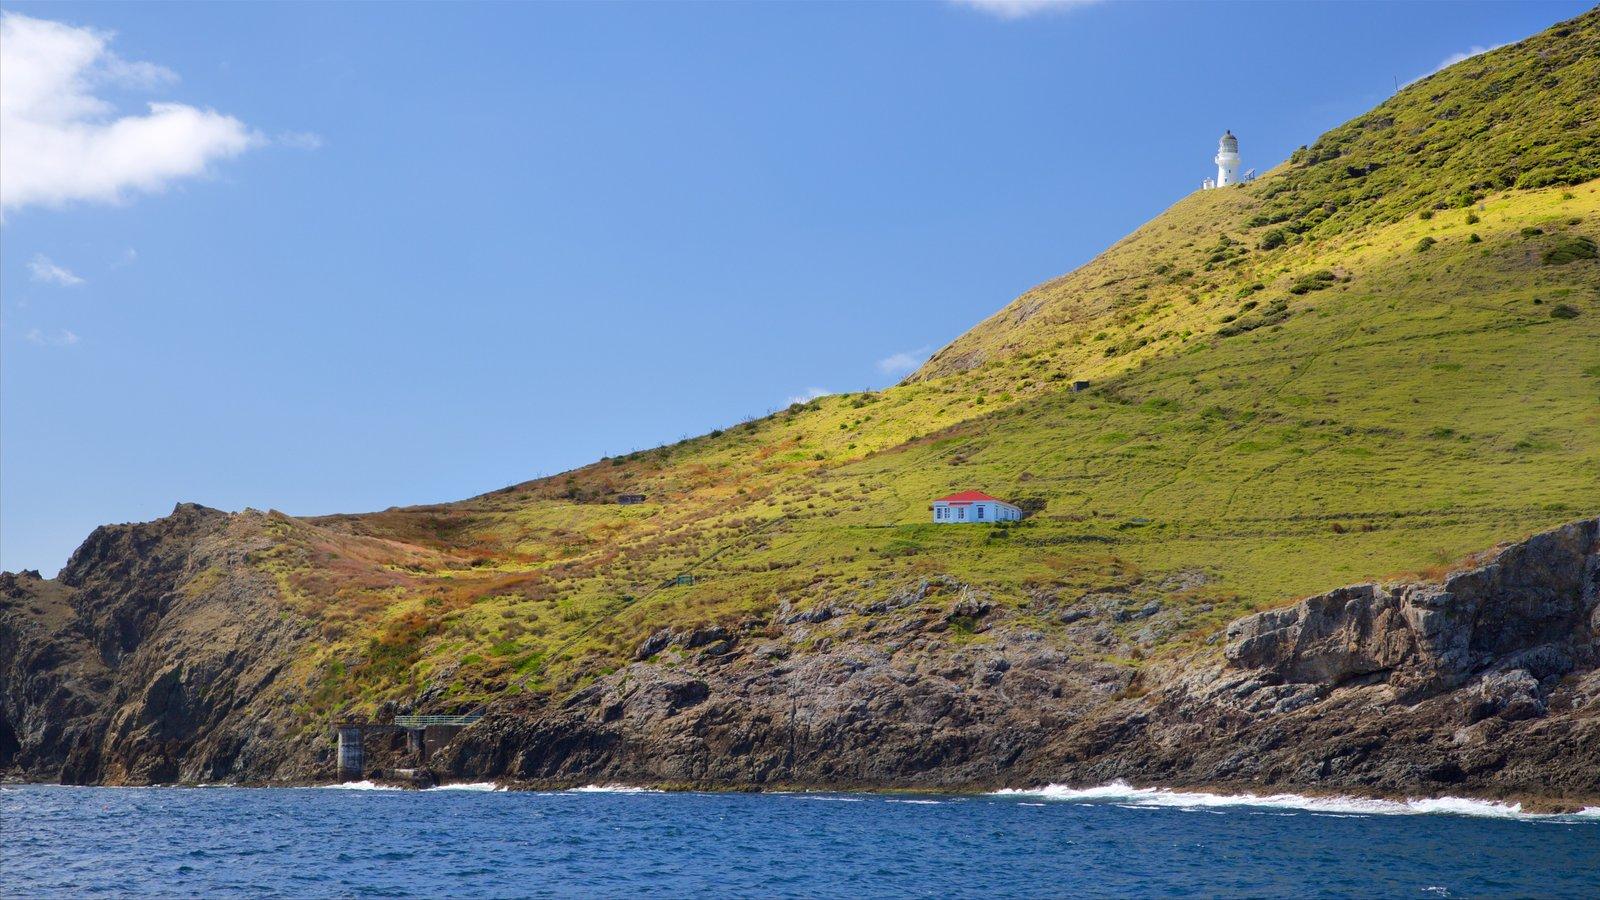 Cape Brett Lighthouse ofreciendo costa rocosa, un faro y una bahía o puerto